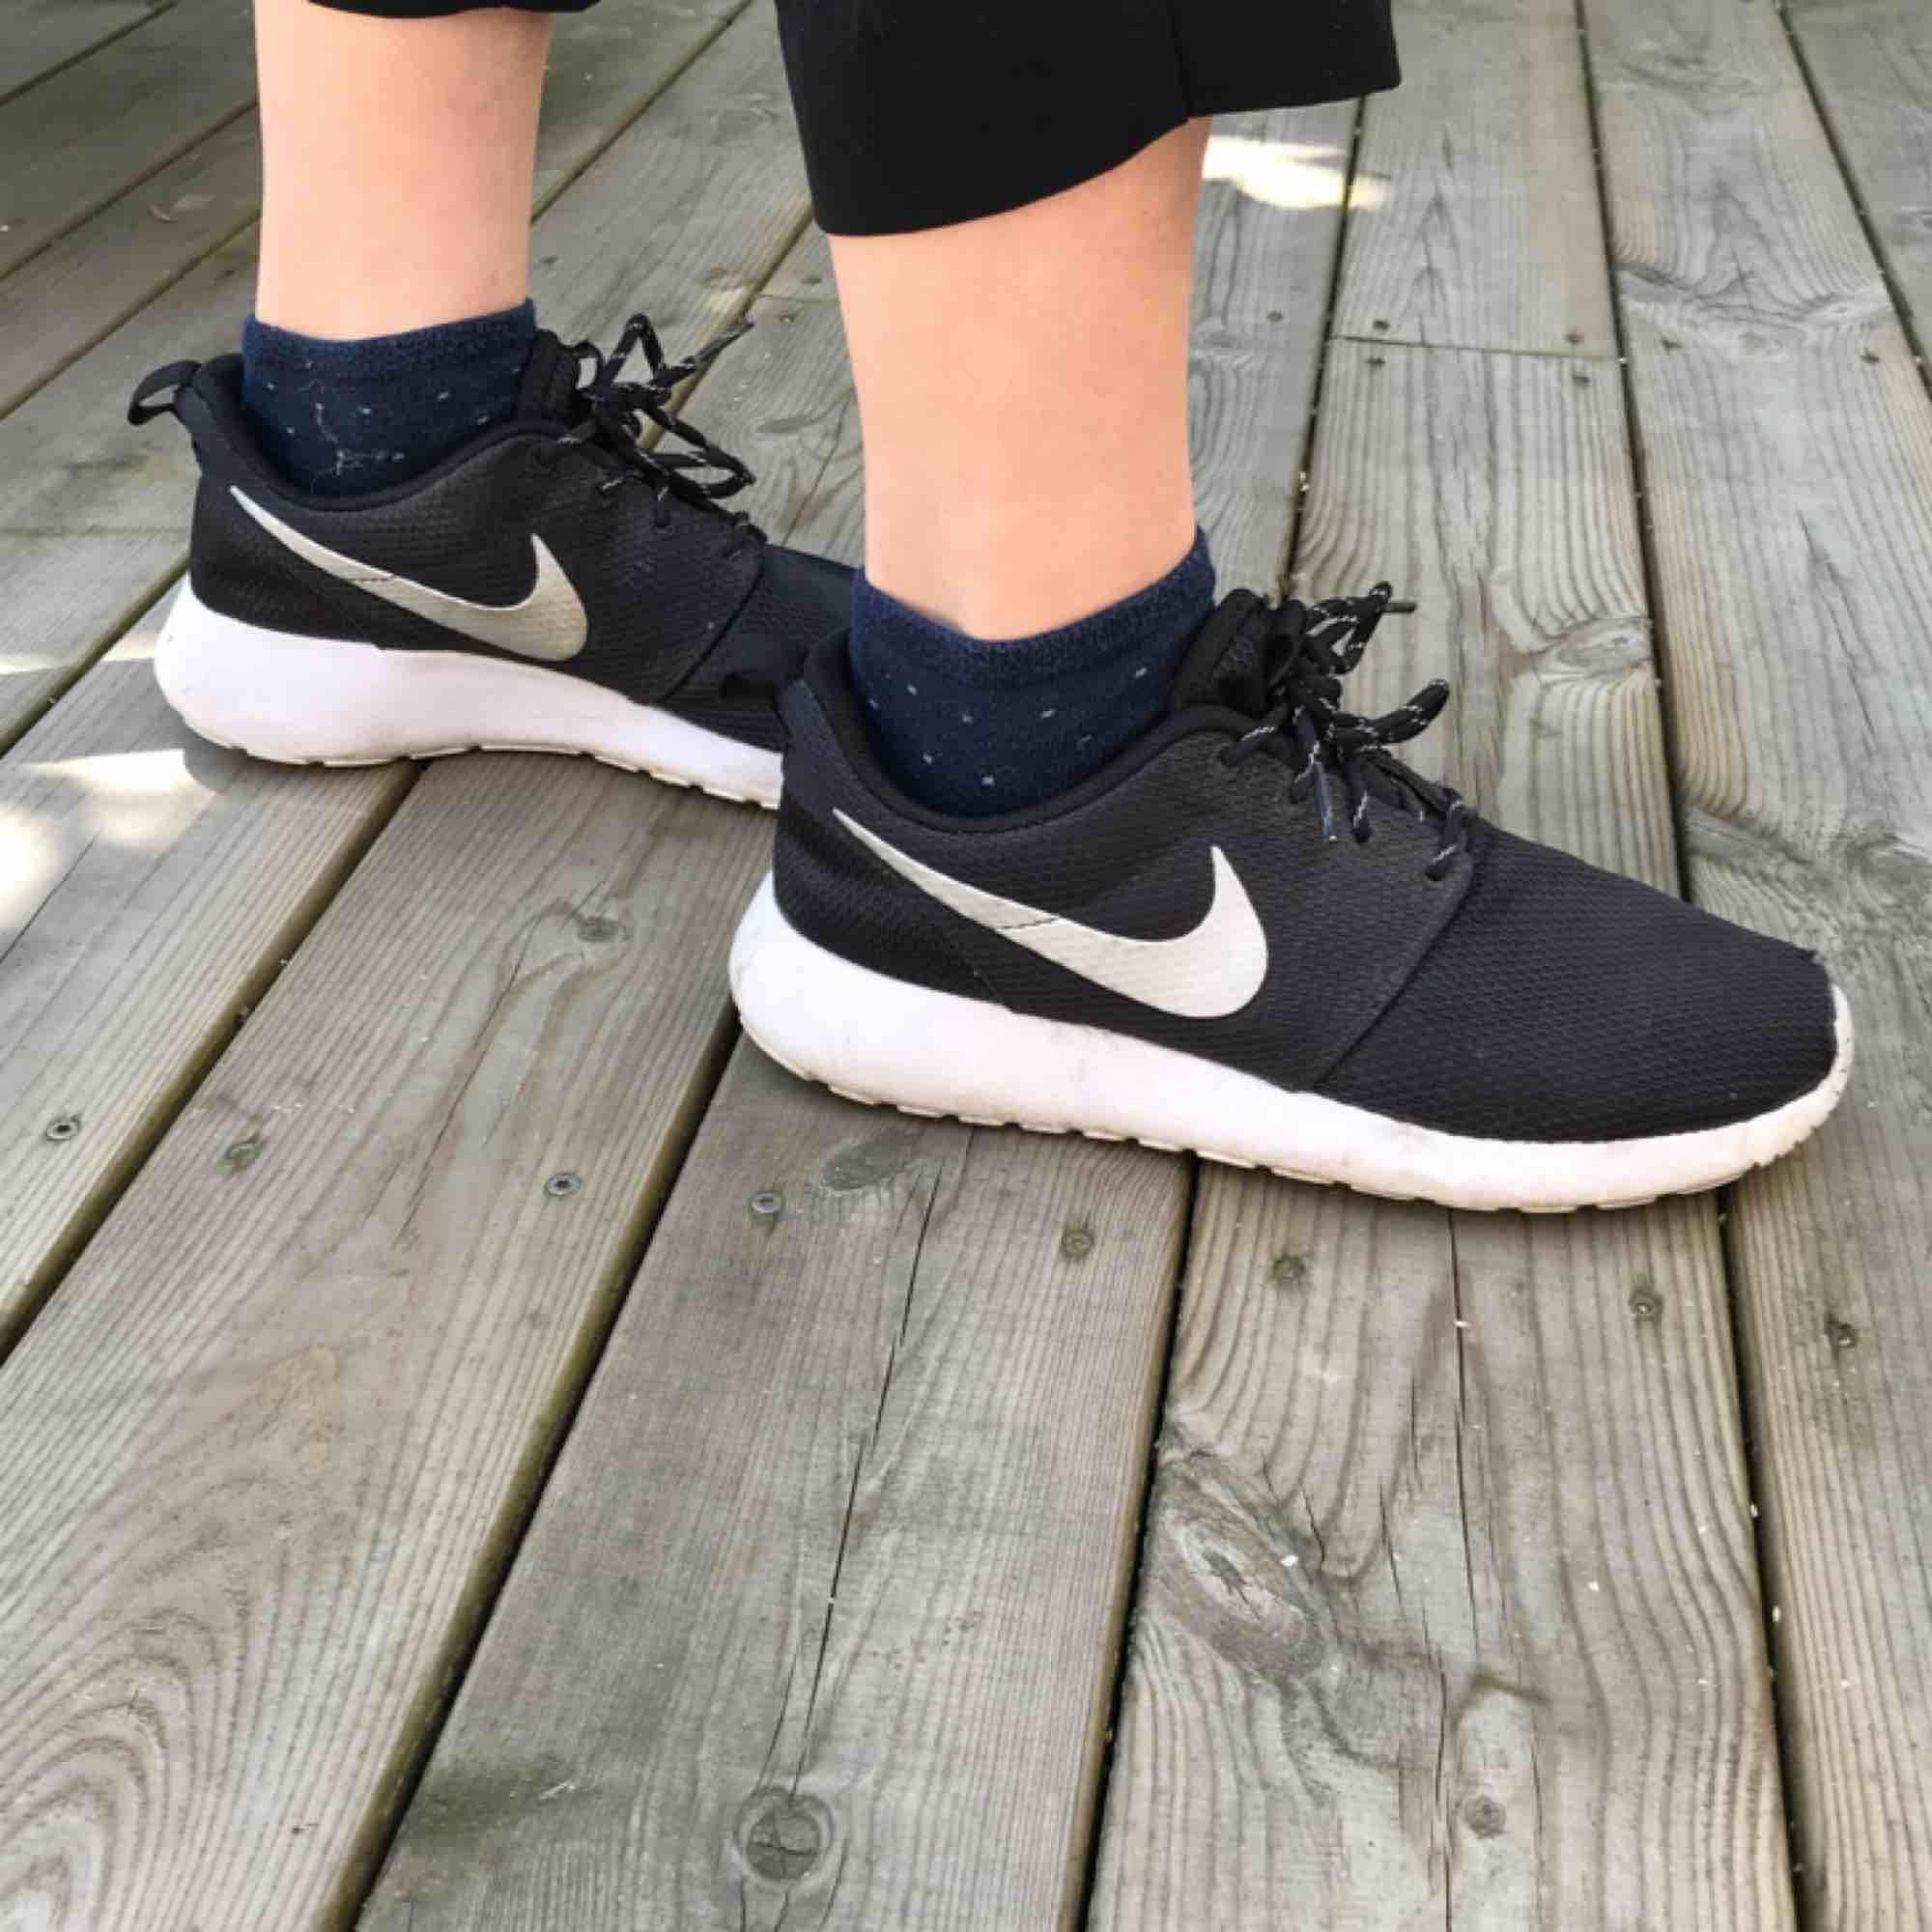 Svarta Nike trainers Bekväma med sula som ger fantastiskt stöd!  Funkar perfekt till gym eller som vanliga vardagsskor!  Ovandel i tyg vilket gör att de är väldigt luftiga - skönt en varm sommardag! ☺️. Skor.